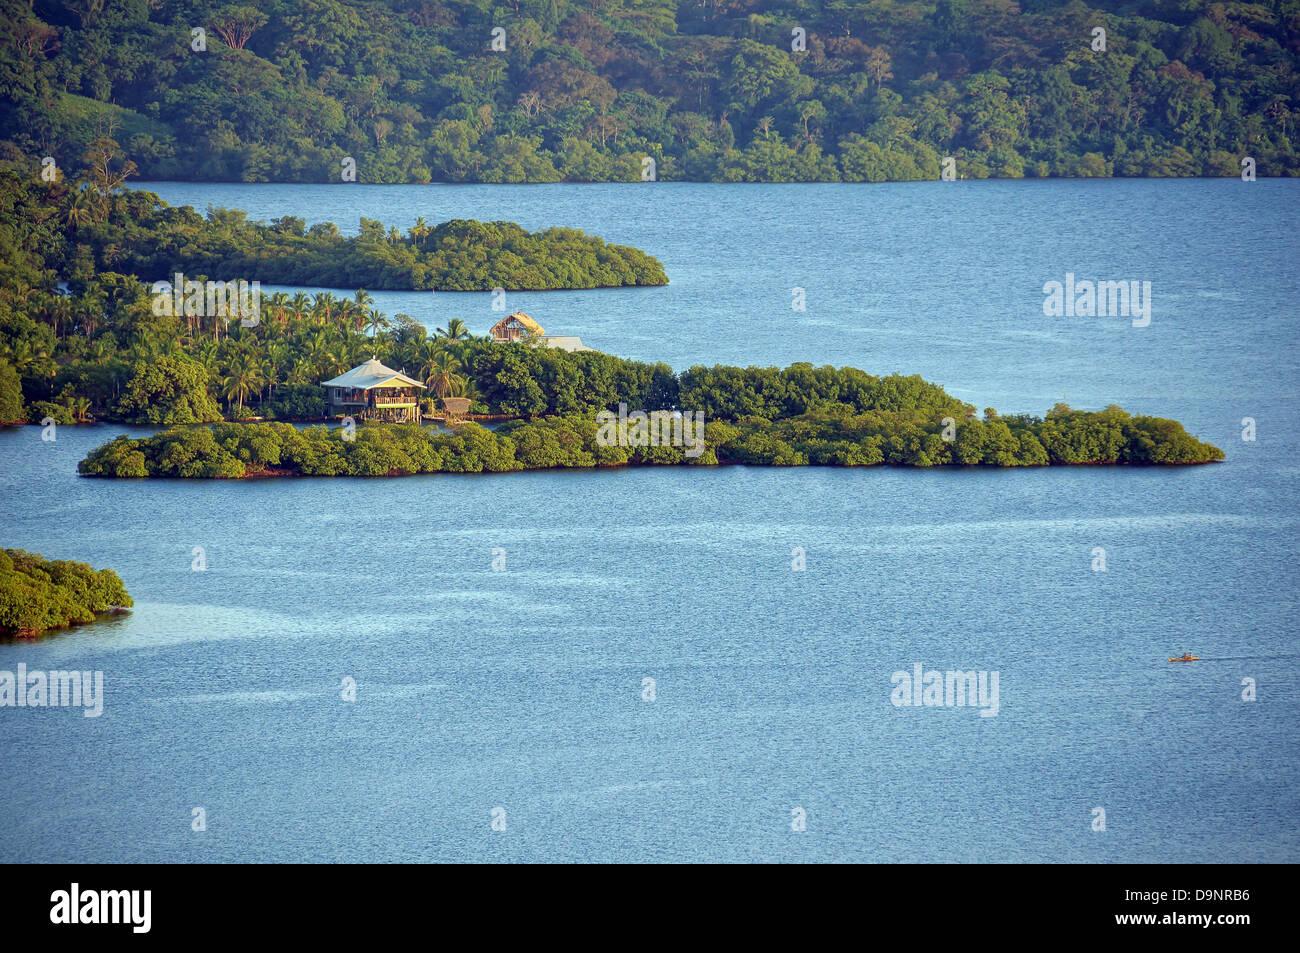 Paesaggio esotico con la luce del tramonto su isola tropicale e la casa, Bocas del Toro, Panama Immagini Stock